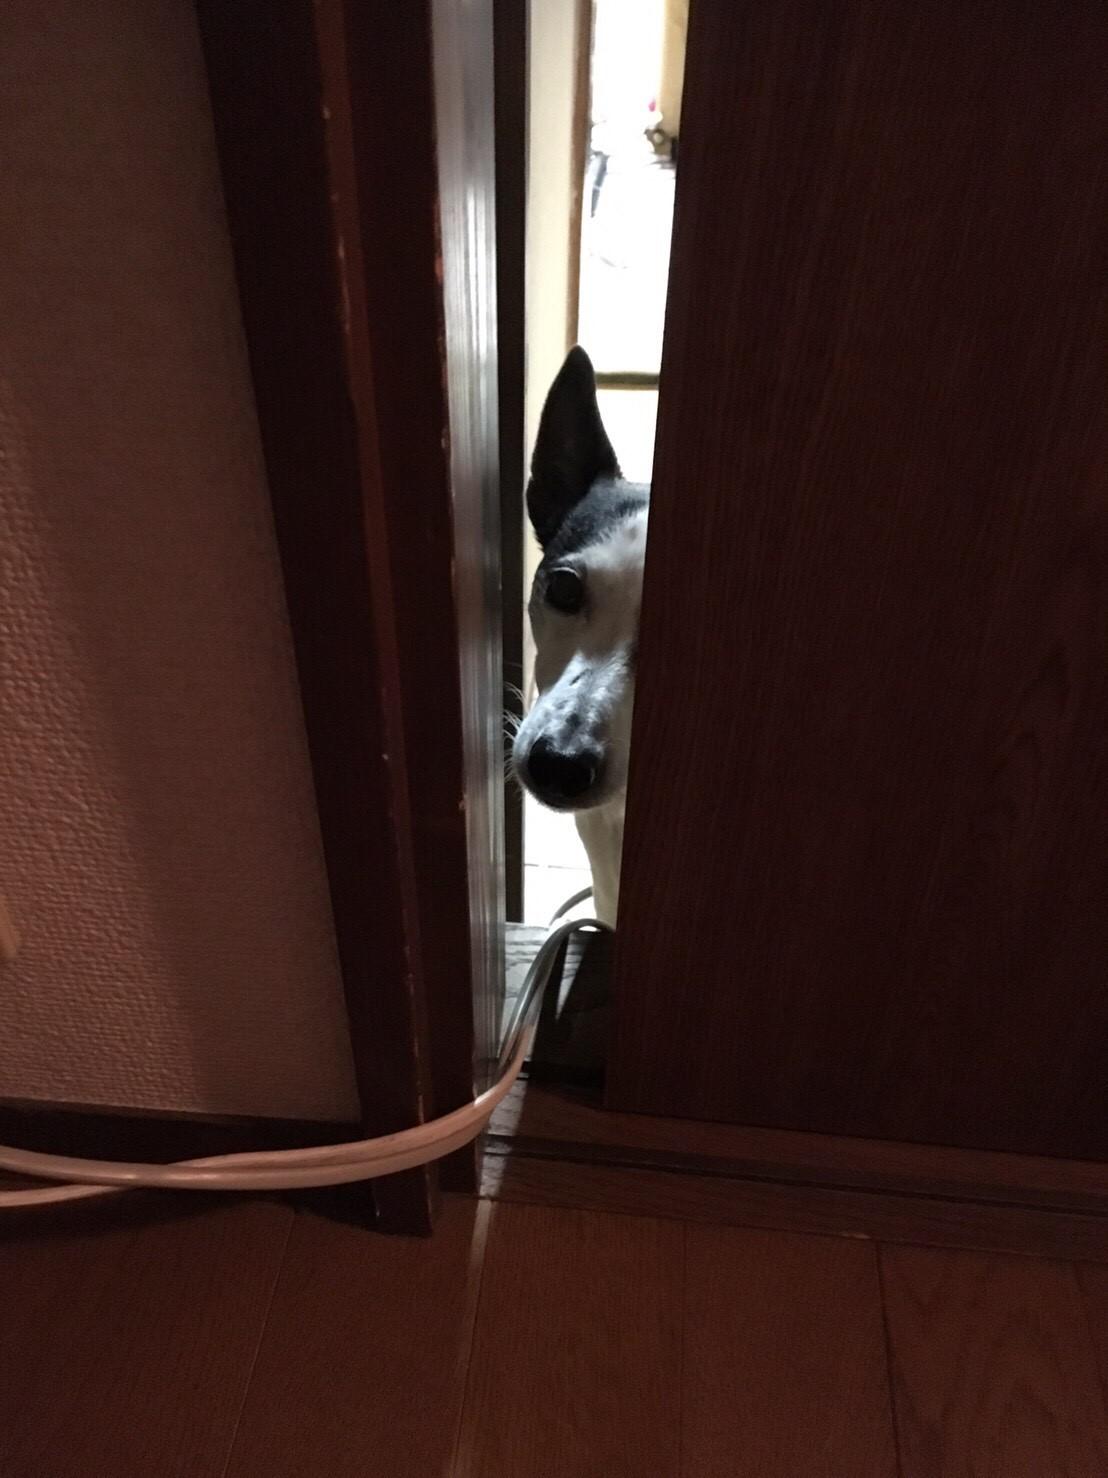 【今日のわんこ】テツくん、なかなか出てこない飼い主をのぞく_1